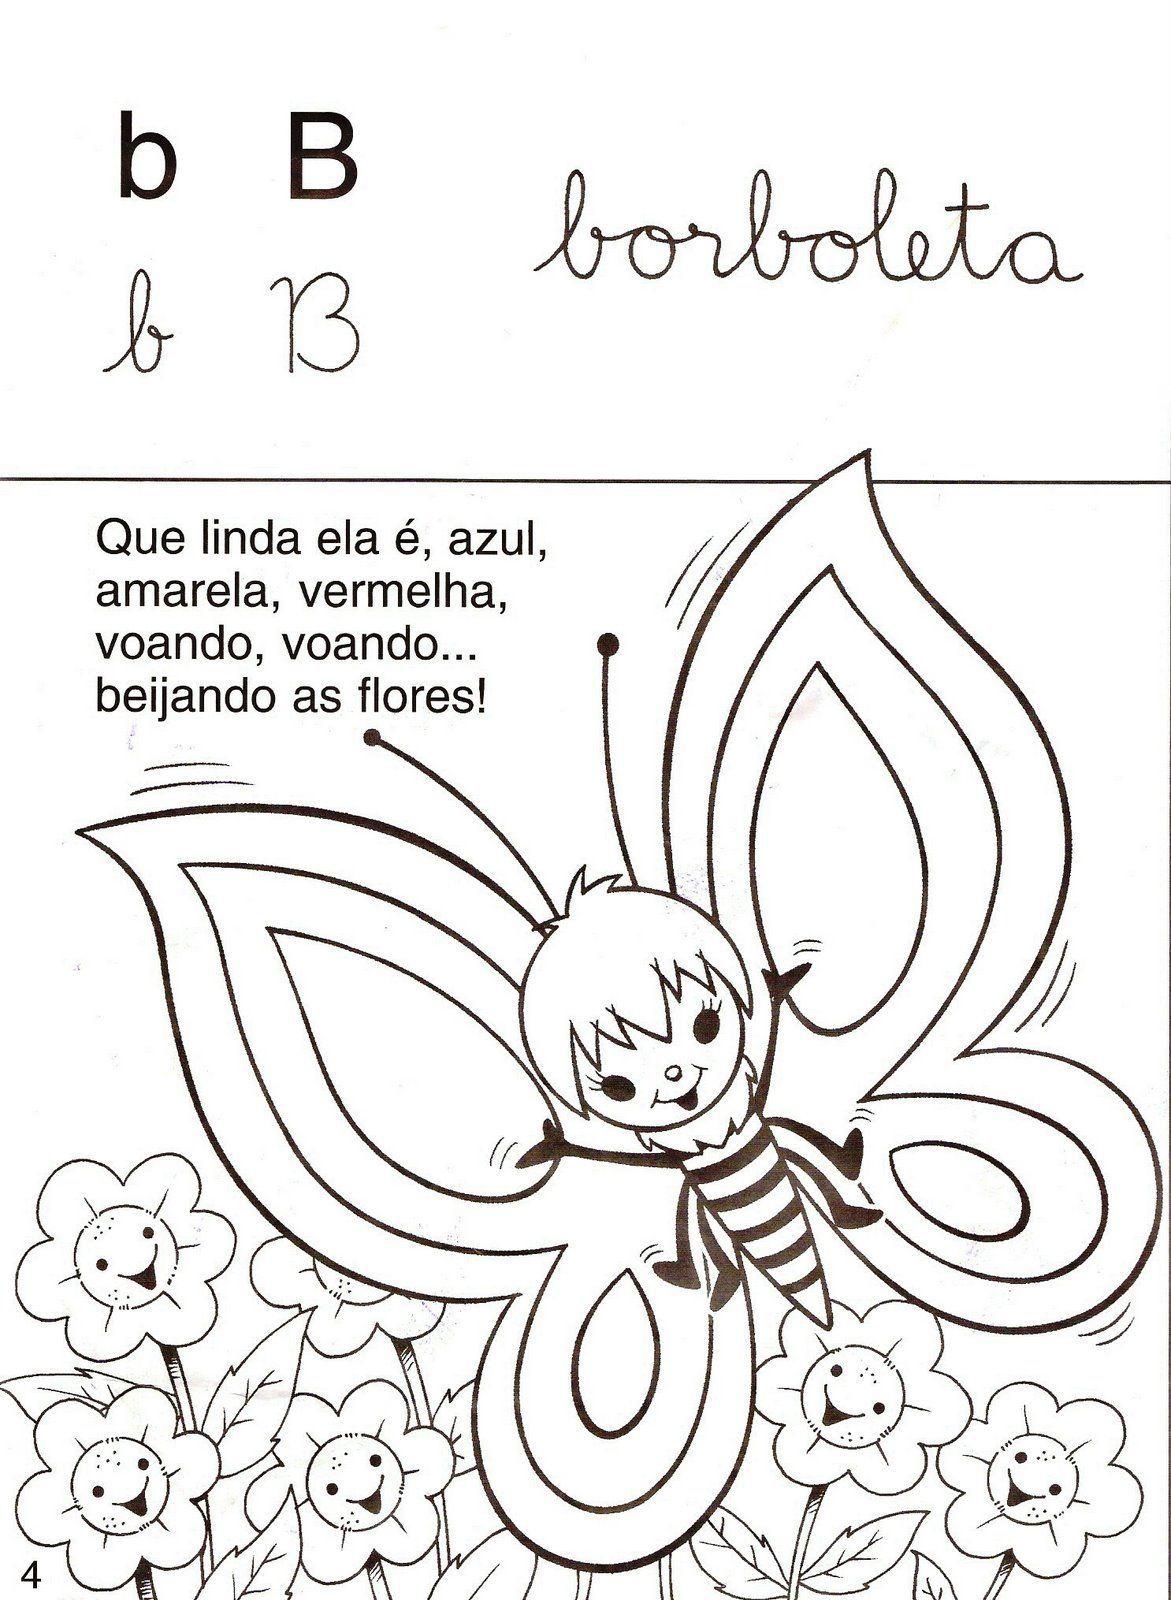 Excepcional Alegria de Aprender na Educação Infantil: ATIVIDADES COM A LETRA B PA55